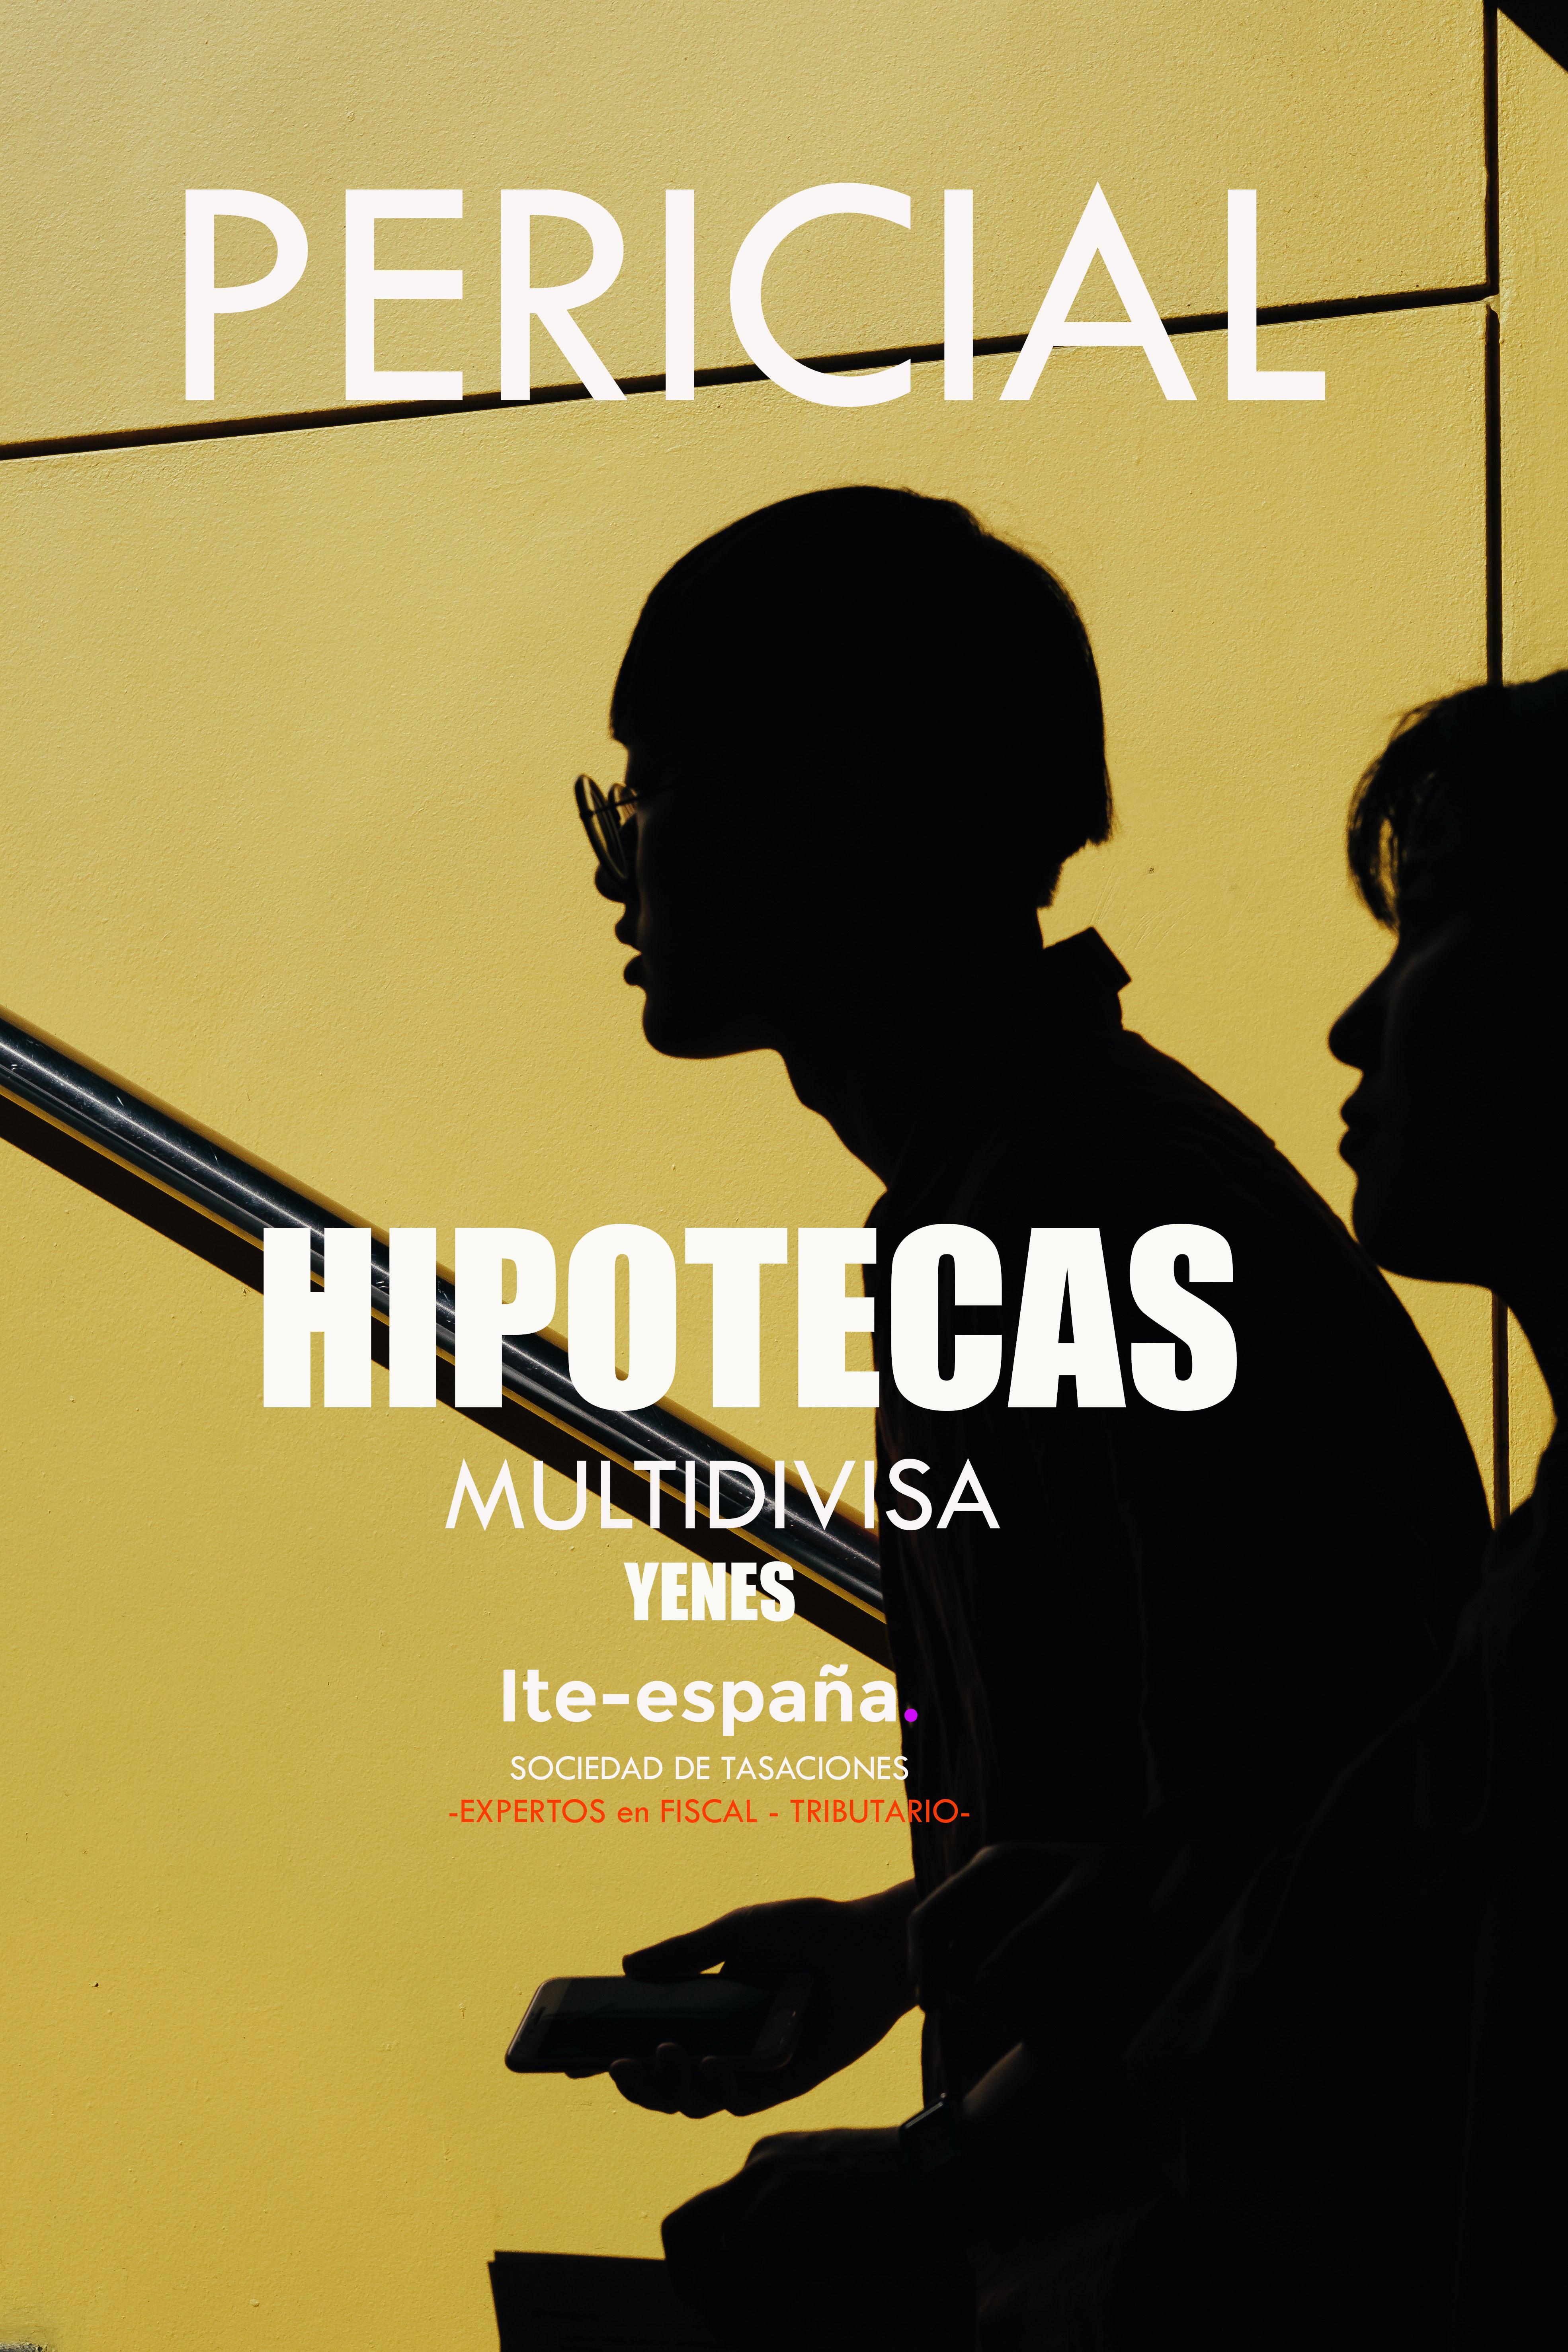 Economistas en las hipotecas Multidivisa en Madrid